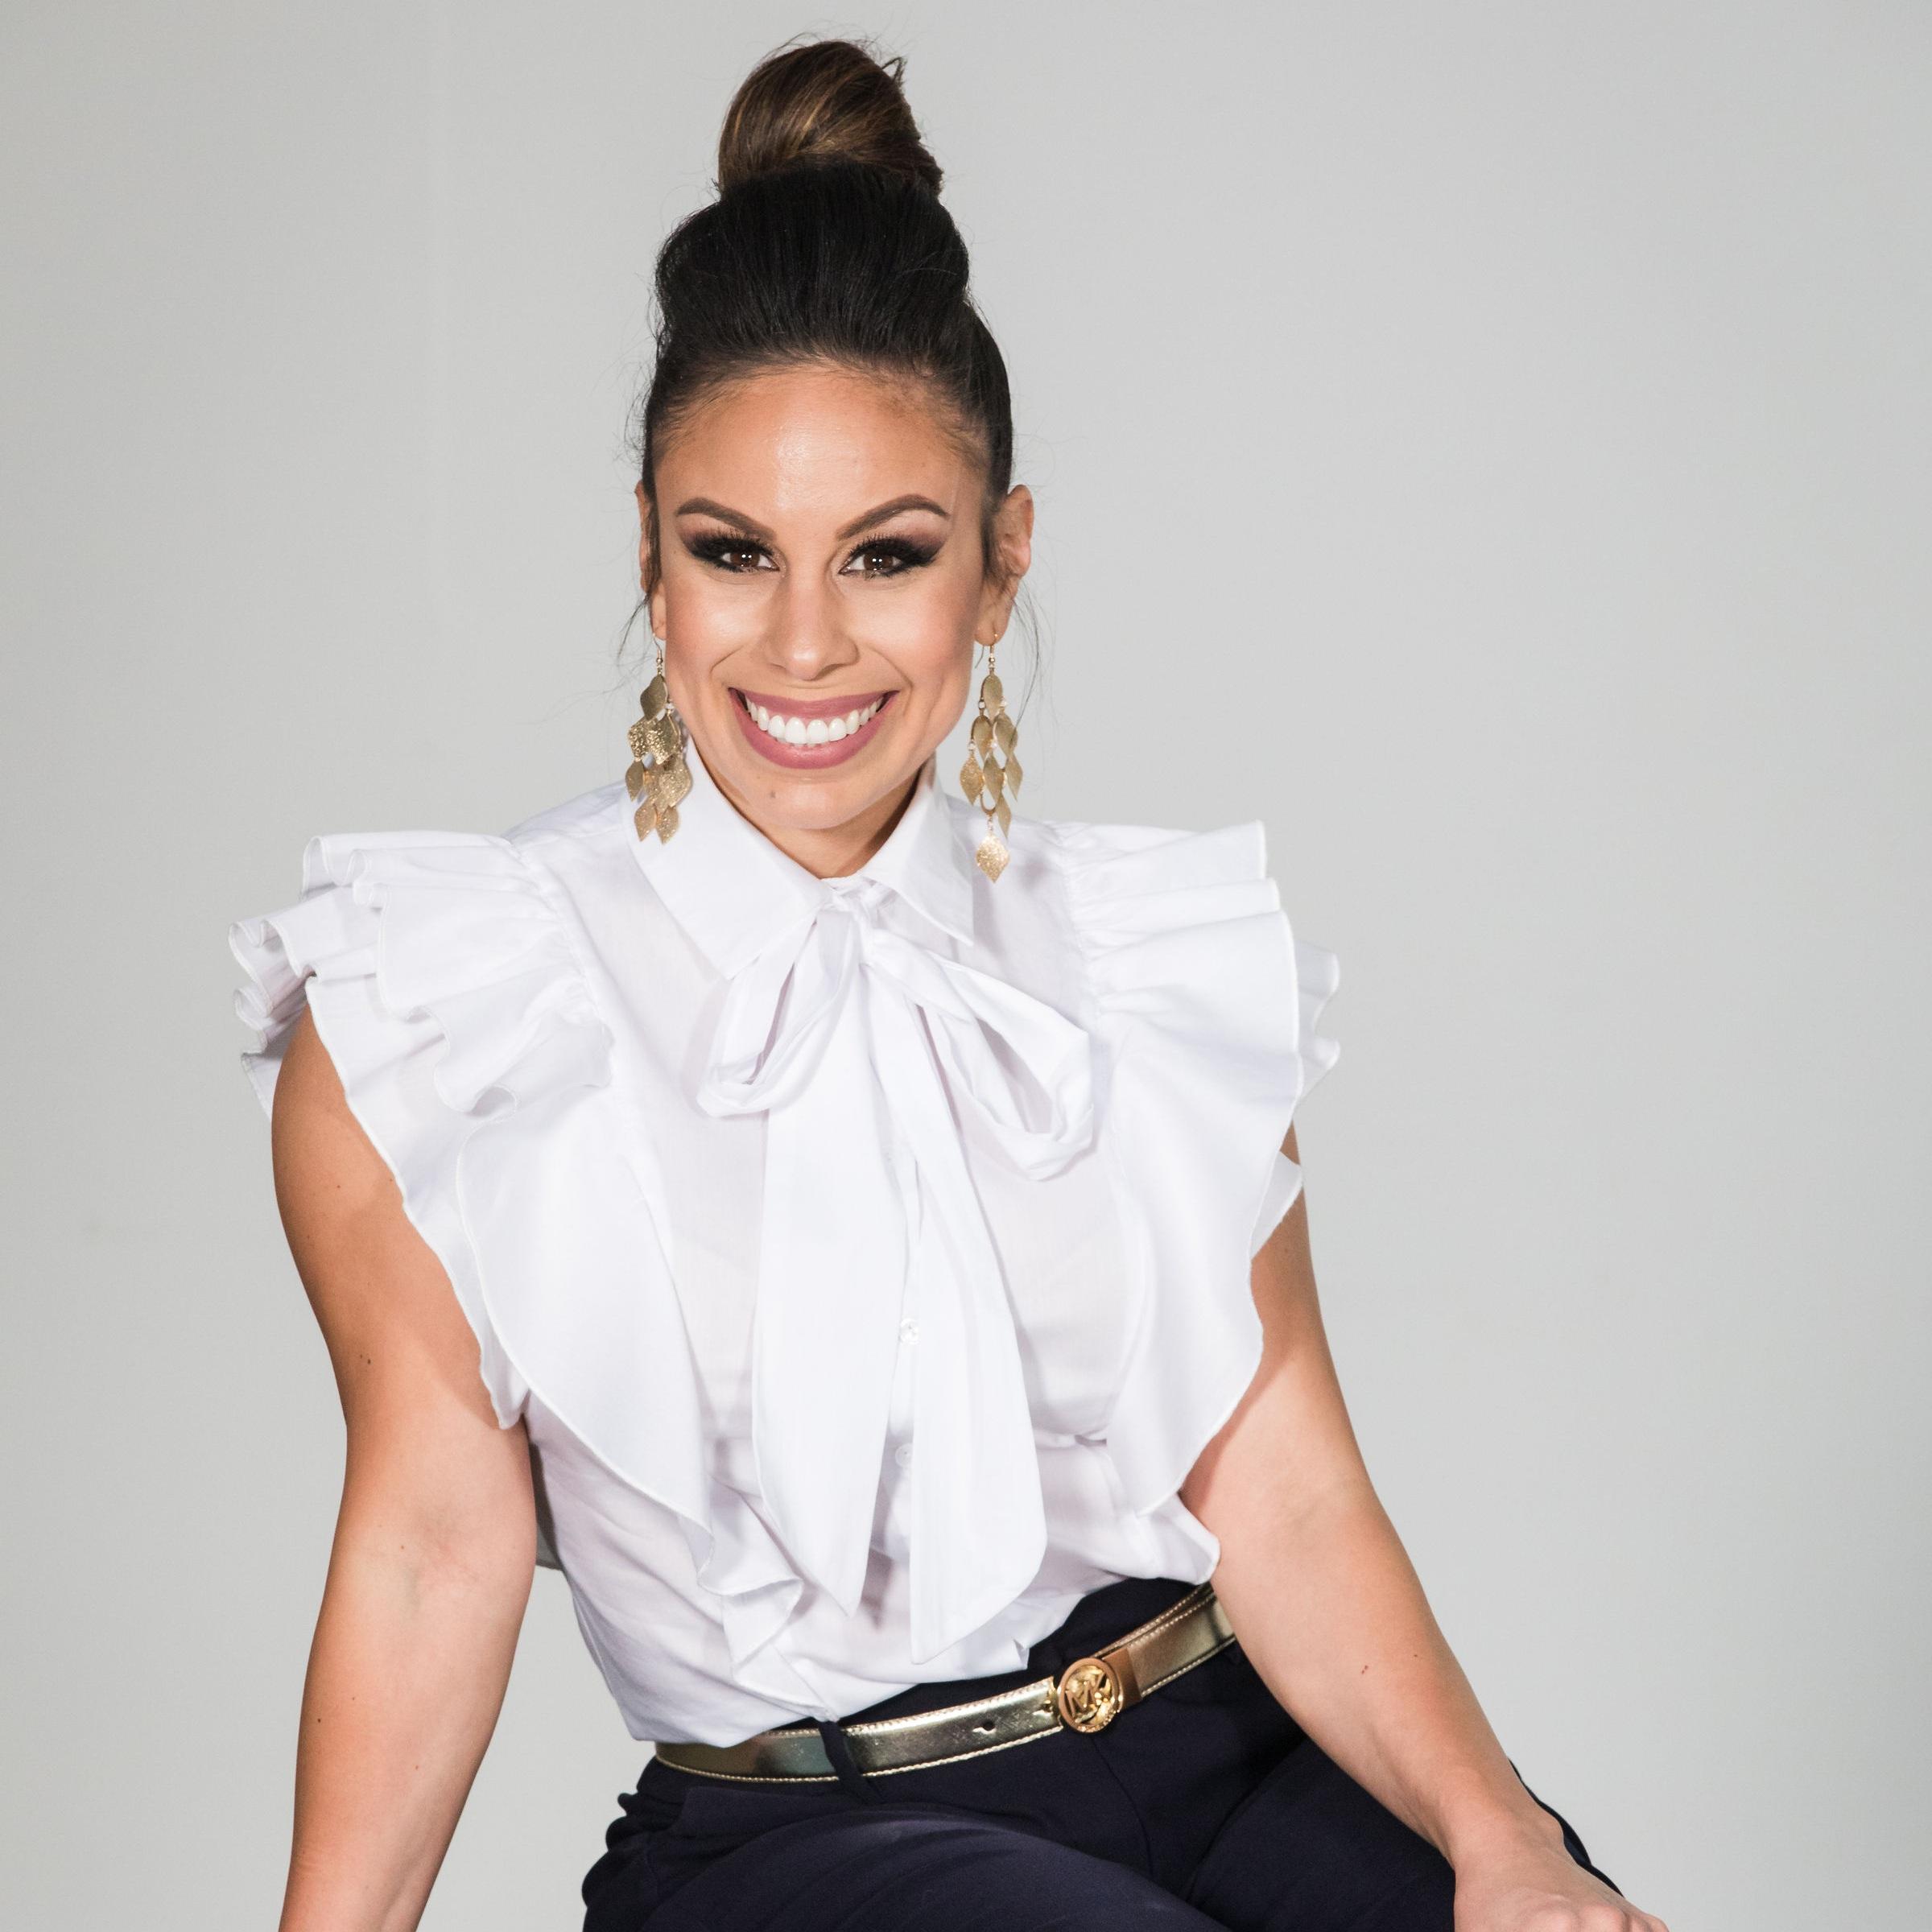 Melissa D Hair and Makeup Artist Las Vegas